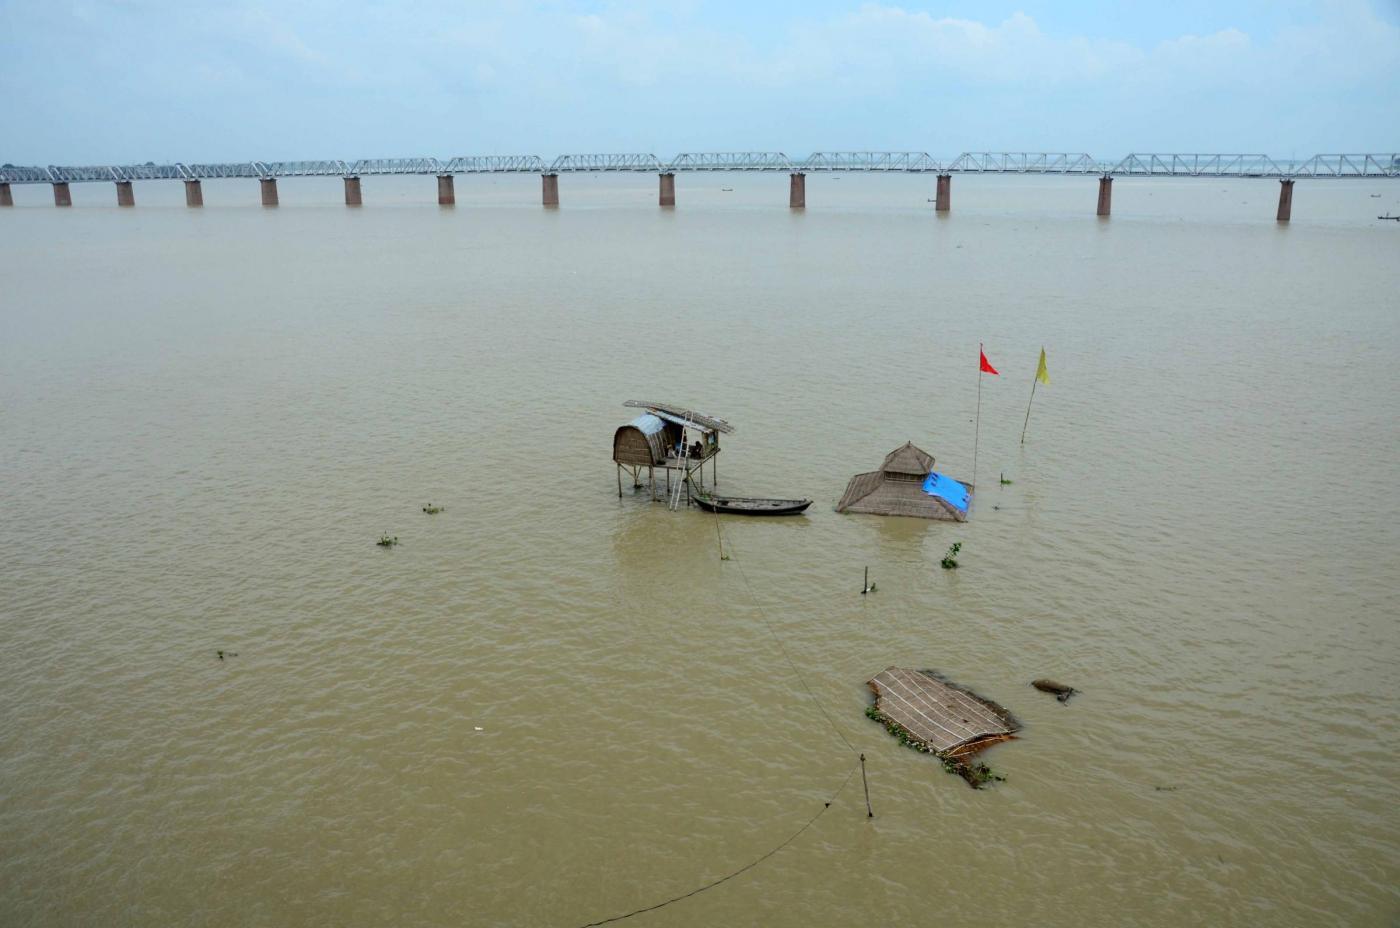 Inquinamento fiumi: bonifiche e progetti innovativi per rigenerare i corsi dacqua